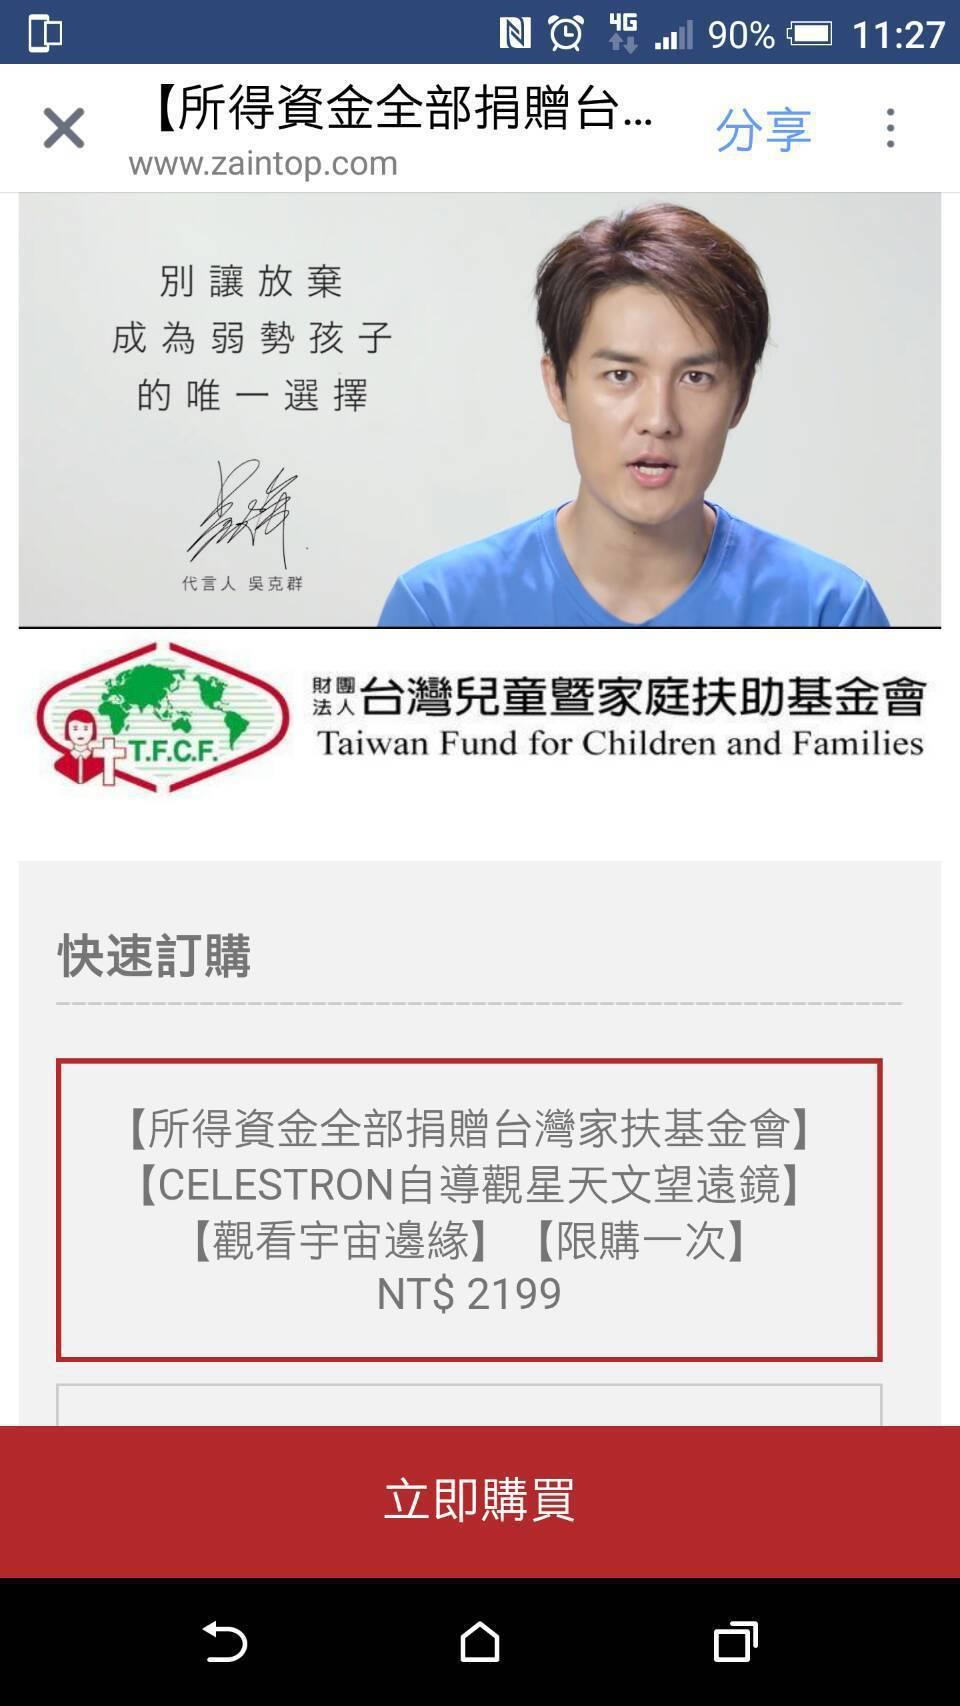 歌手吳克群為家扶中心代言,被不肖業者盜用賣廉價天文望遠鏡。翻攝自網路